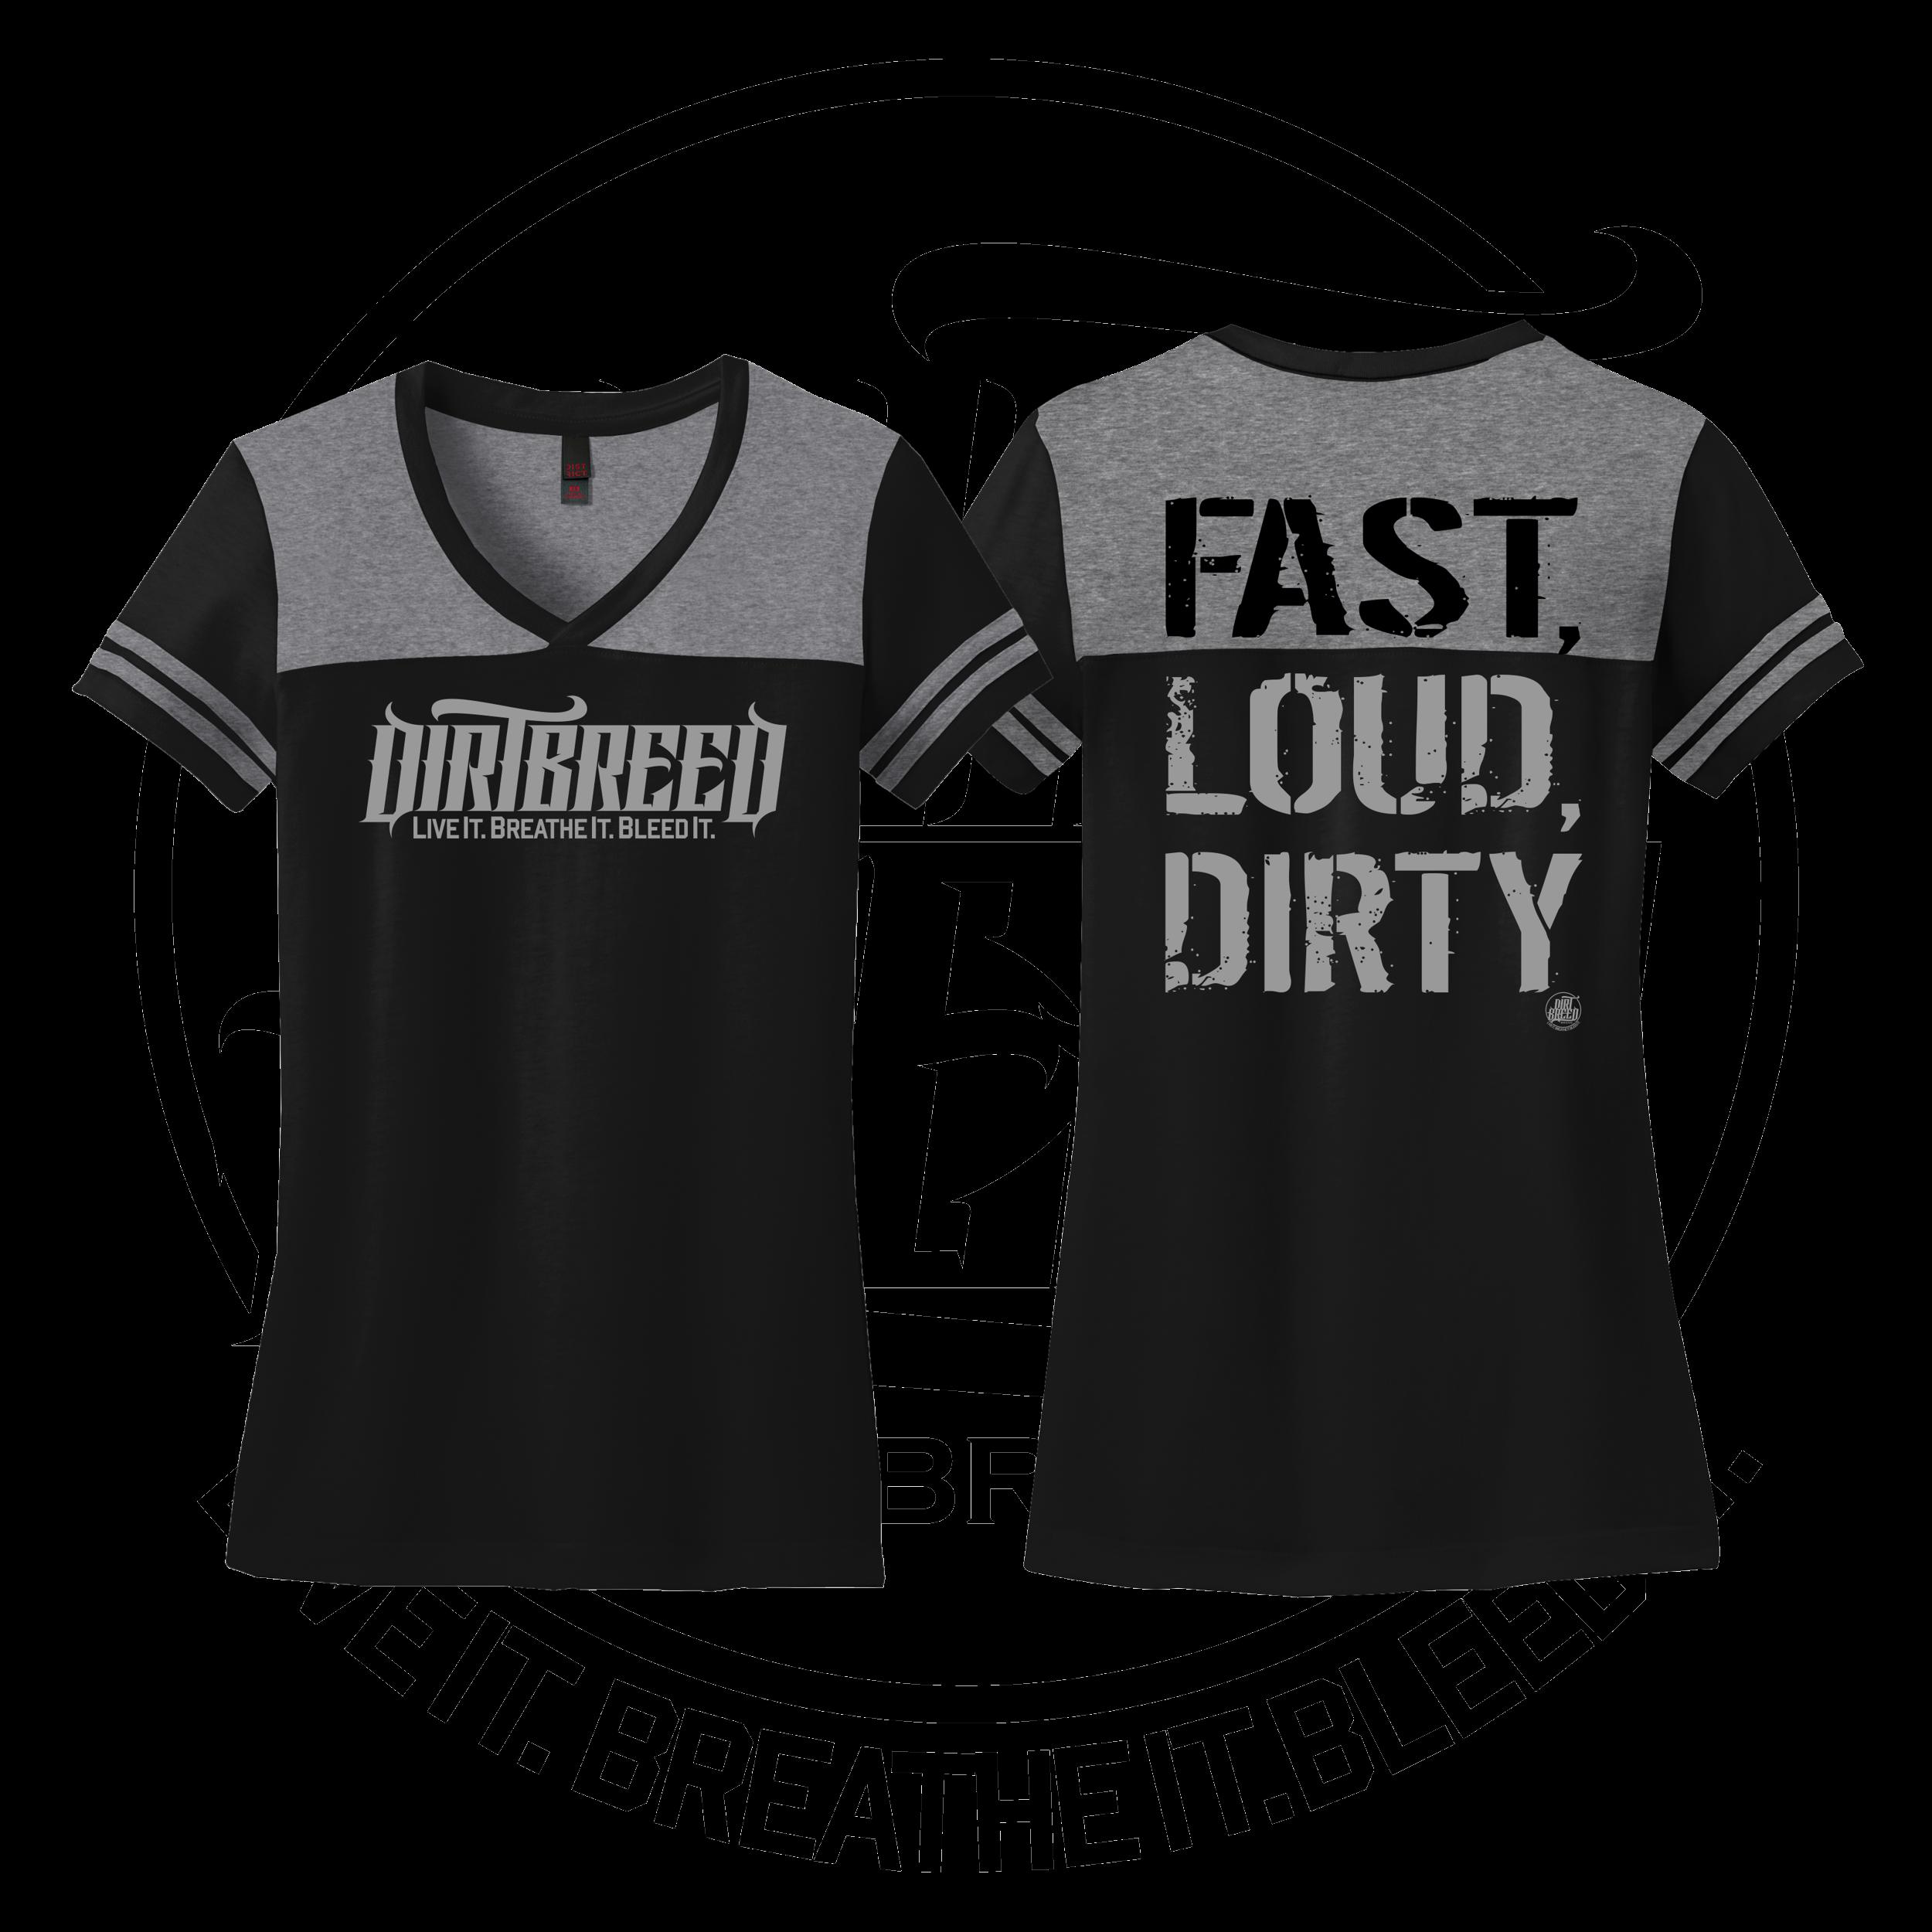 Ladies Dirt Track Racing Shirt